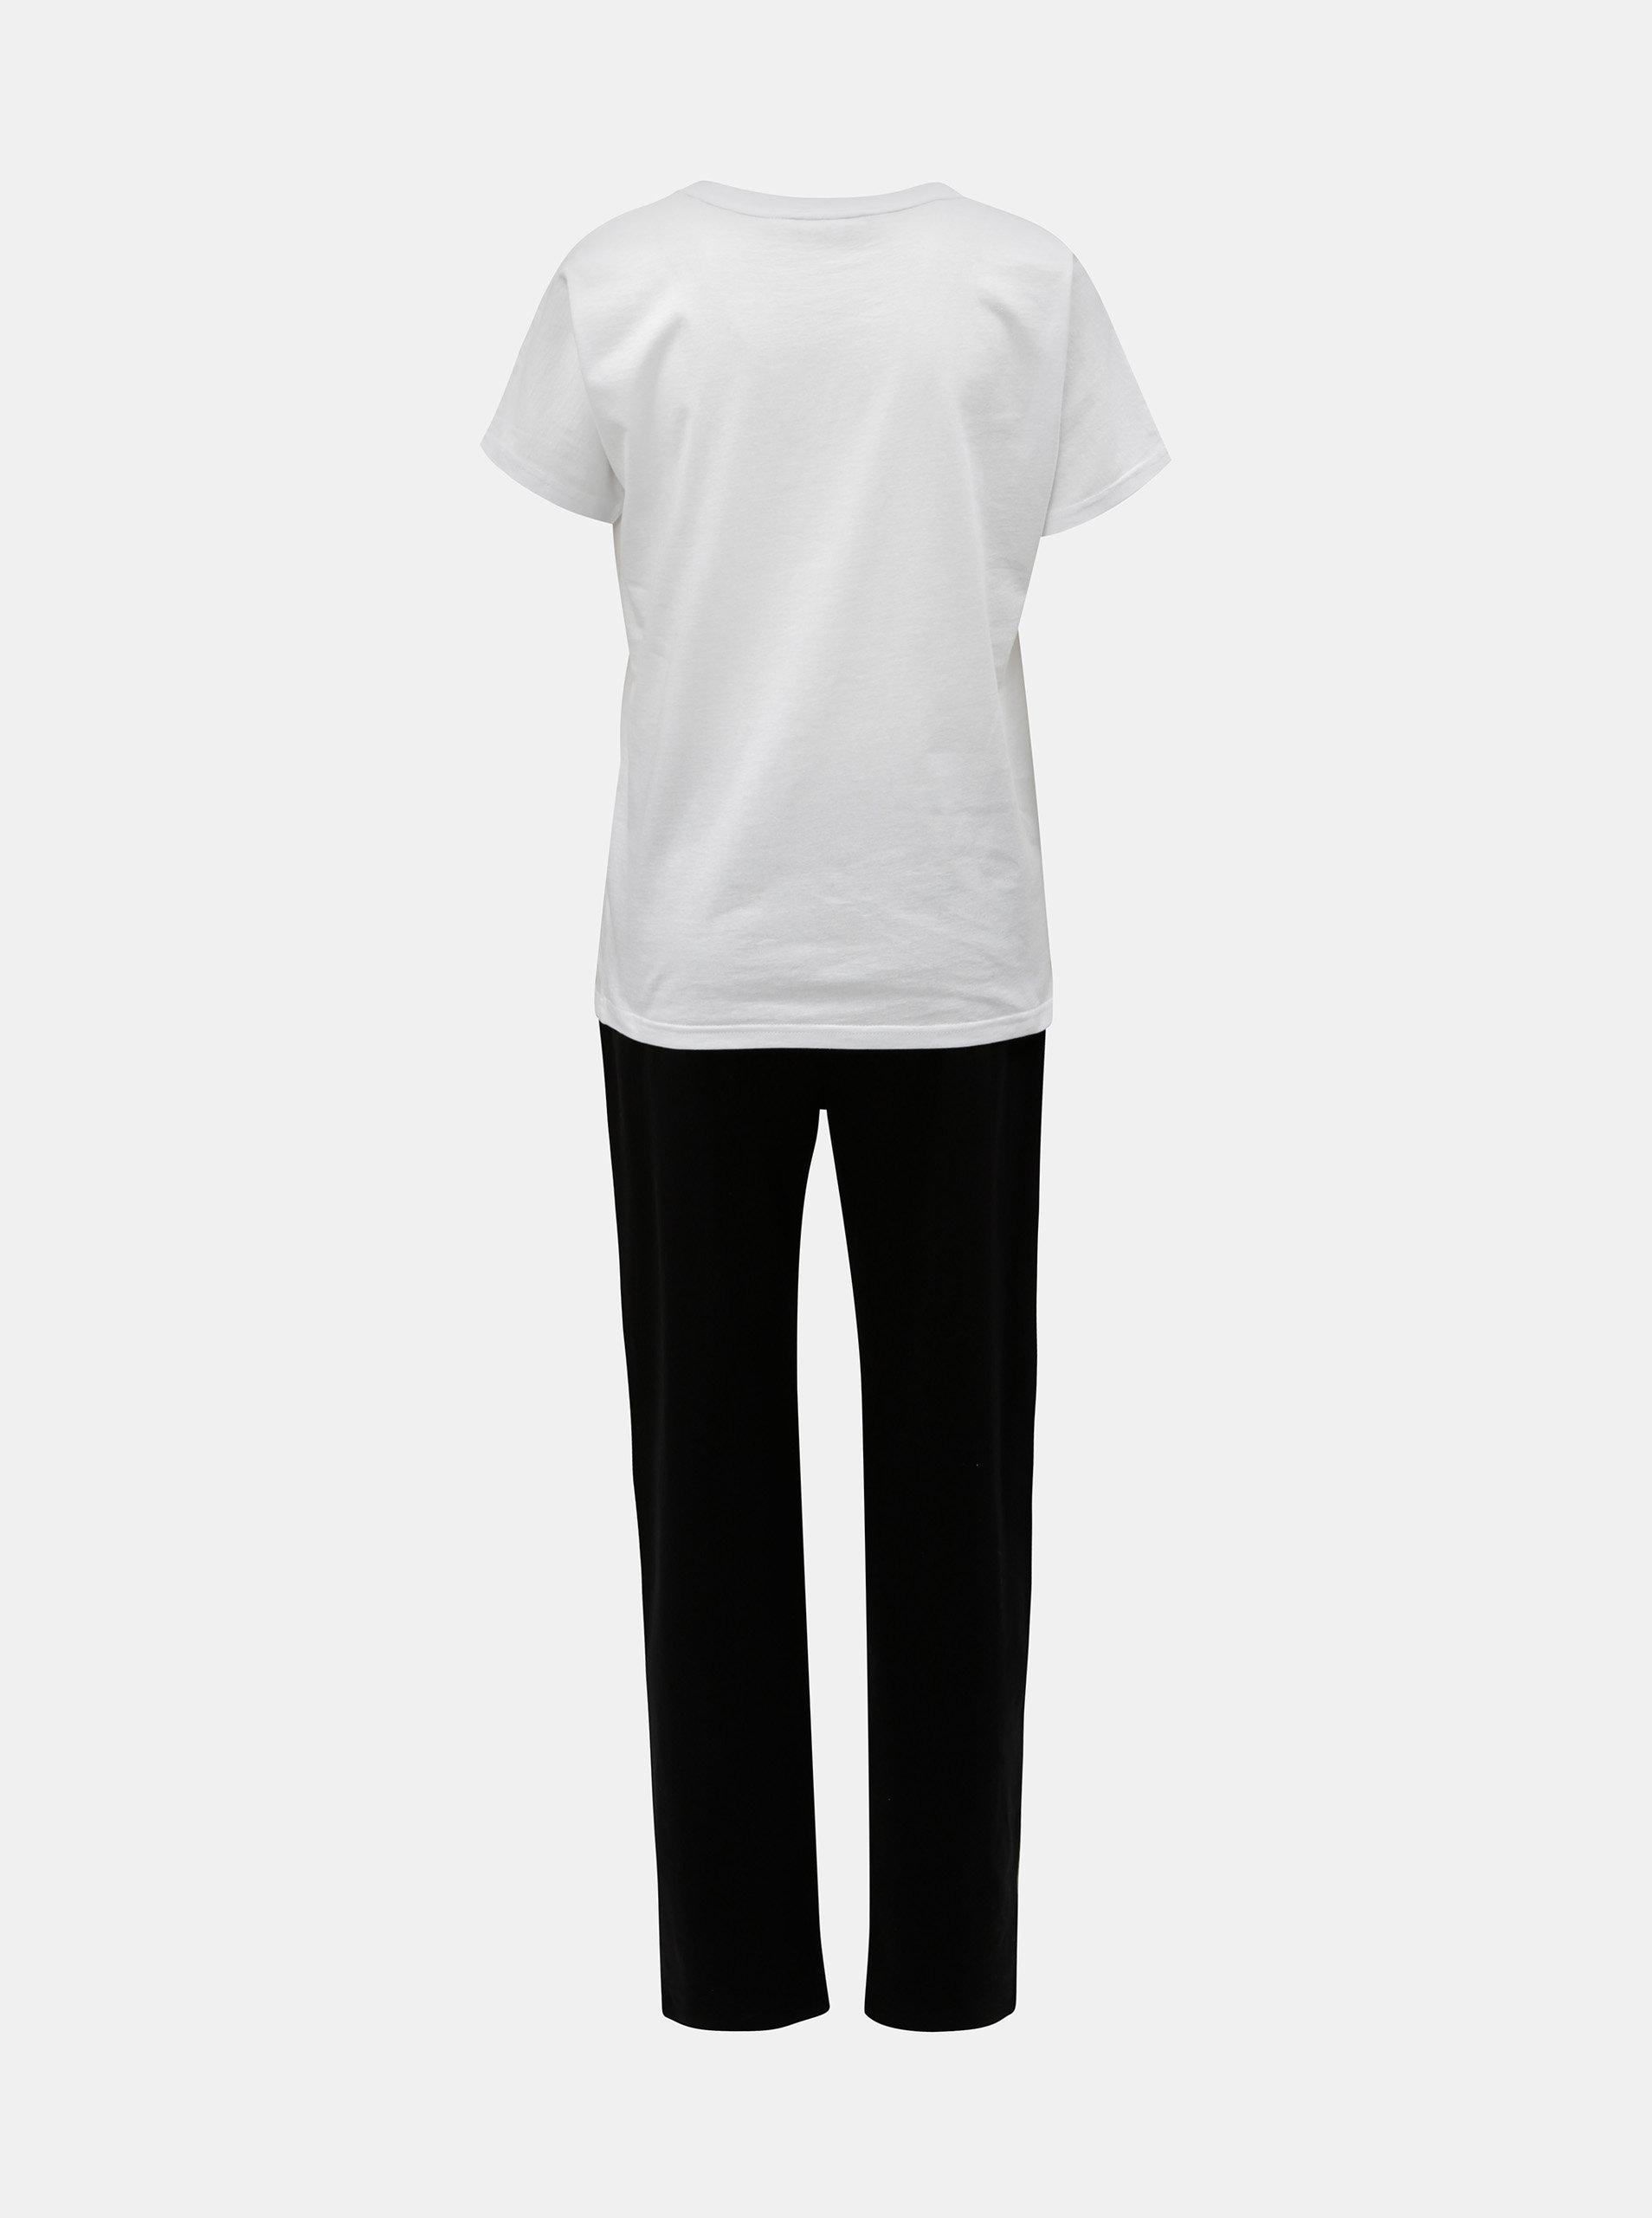 9f24bfc66c1 Černo-bílé dámské pyžamo s motivem kočky ZOOT ...